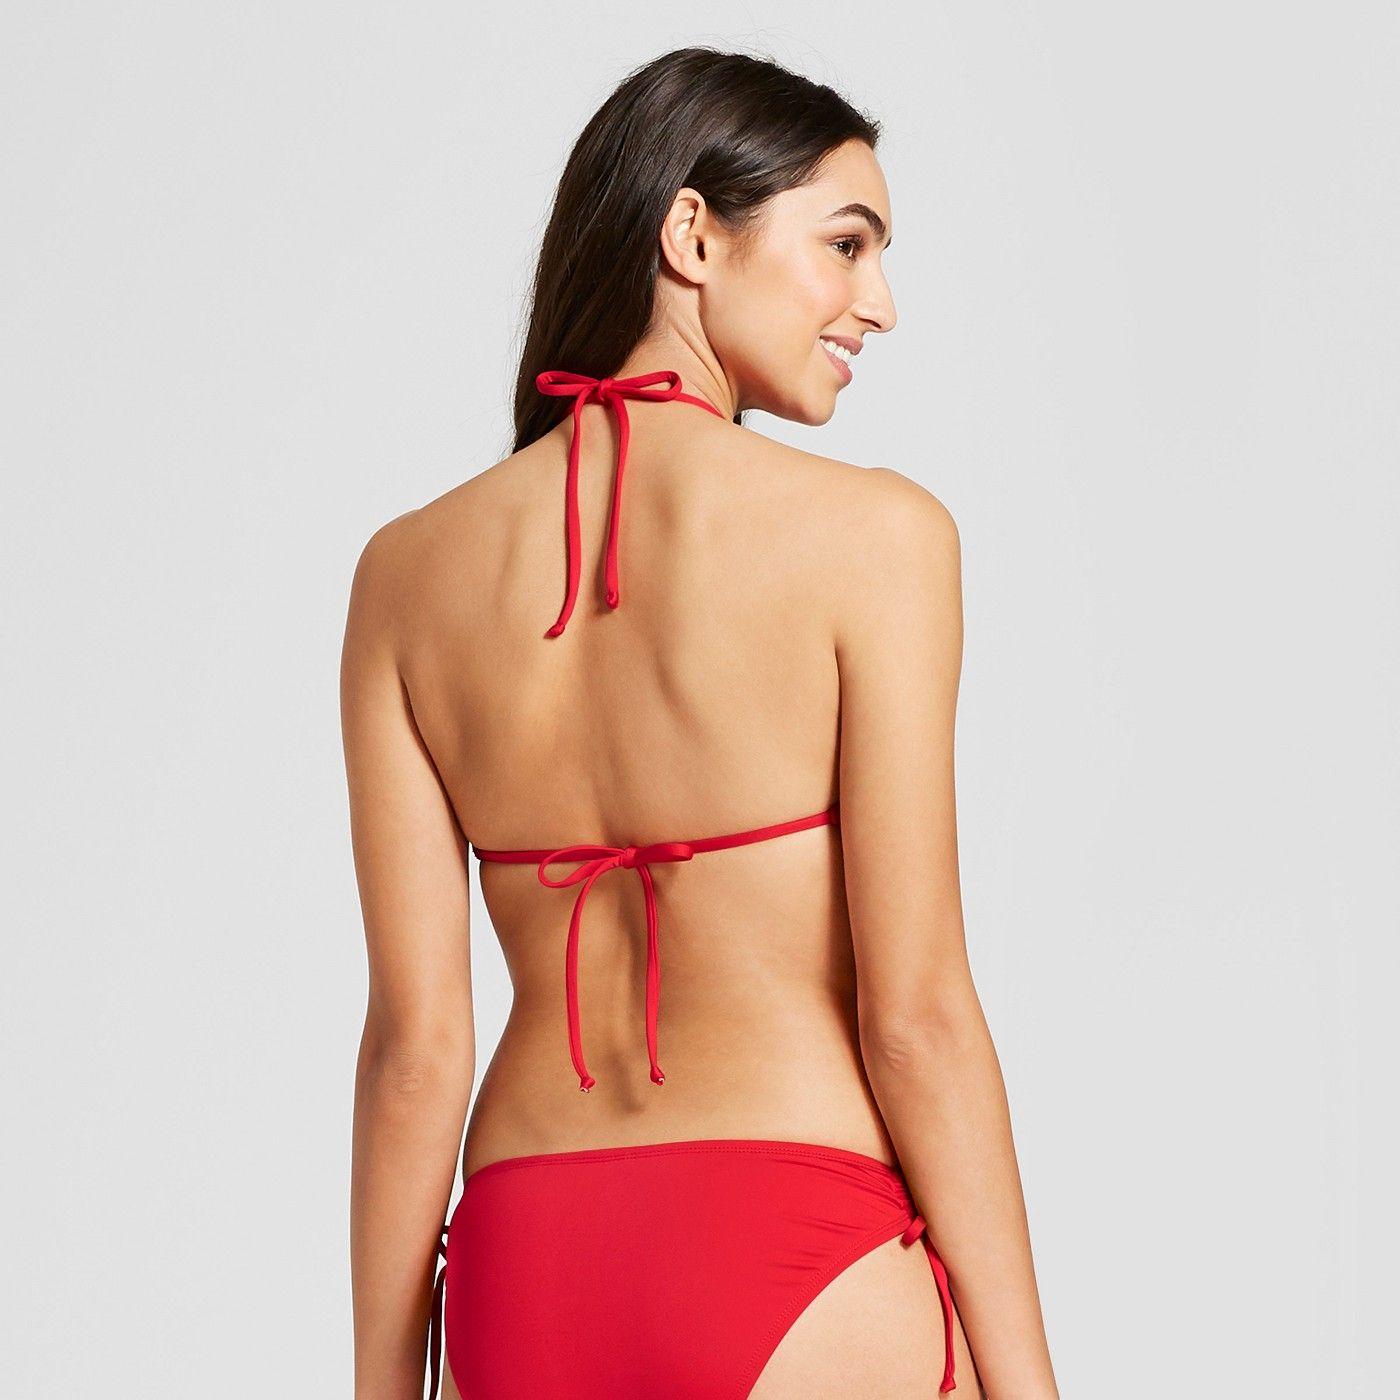 c955de4920a05 Women s Strappy High Neck Halter Bikini Top - Black - D DD Cup - Mossimo